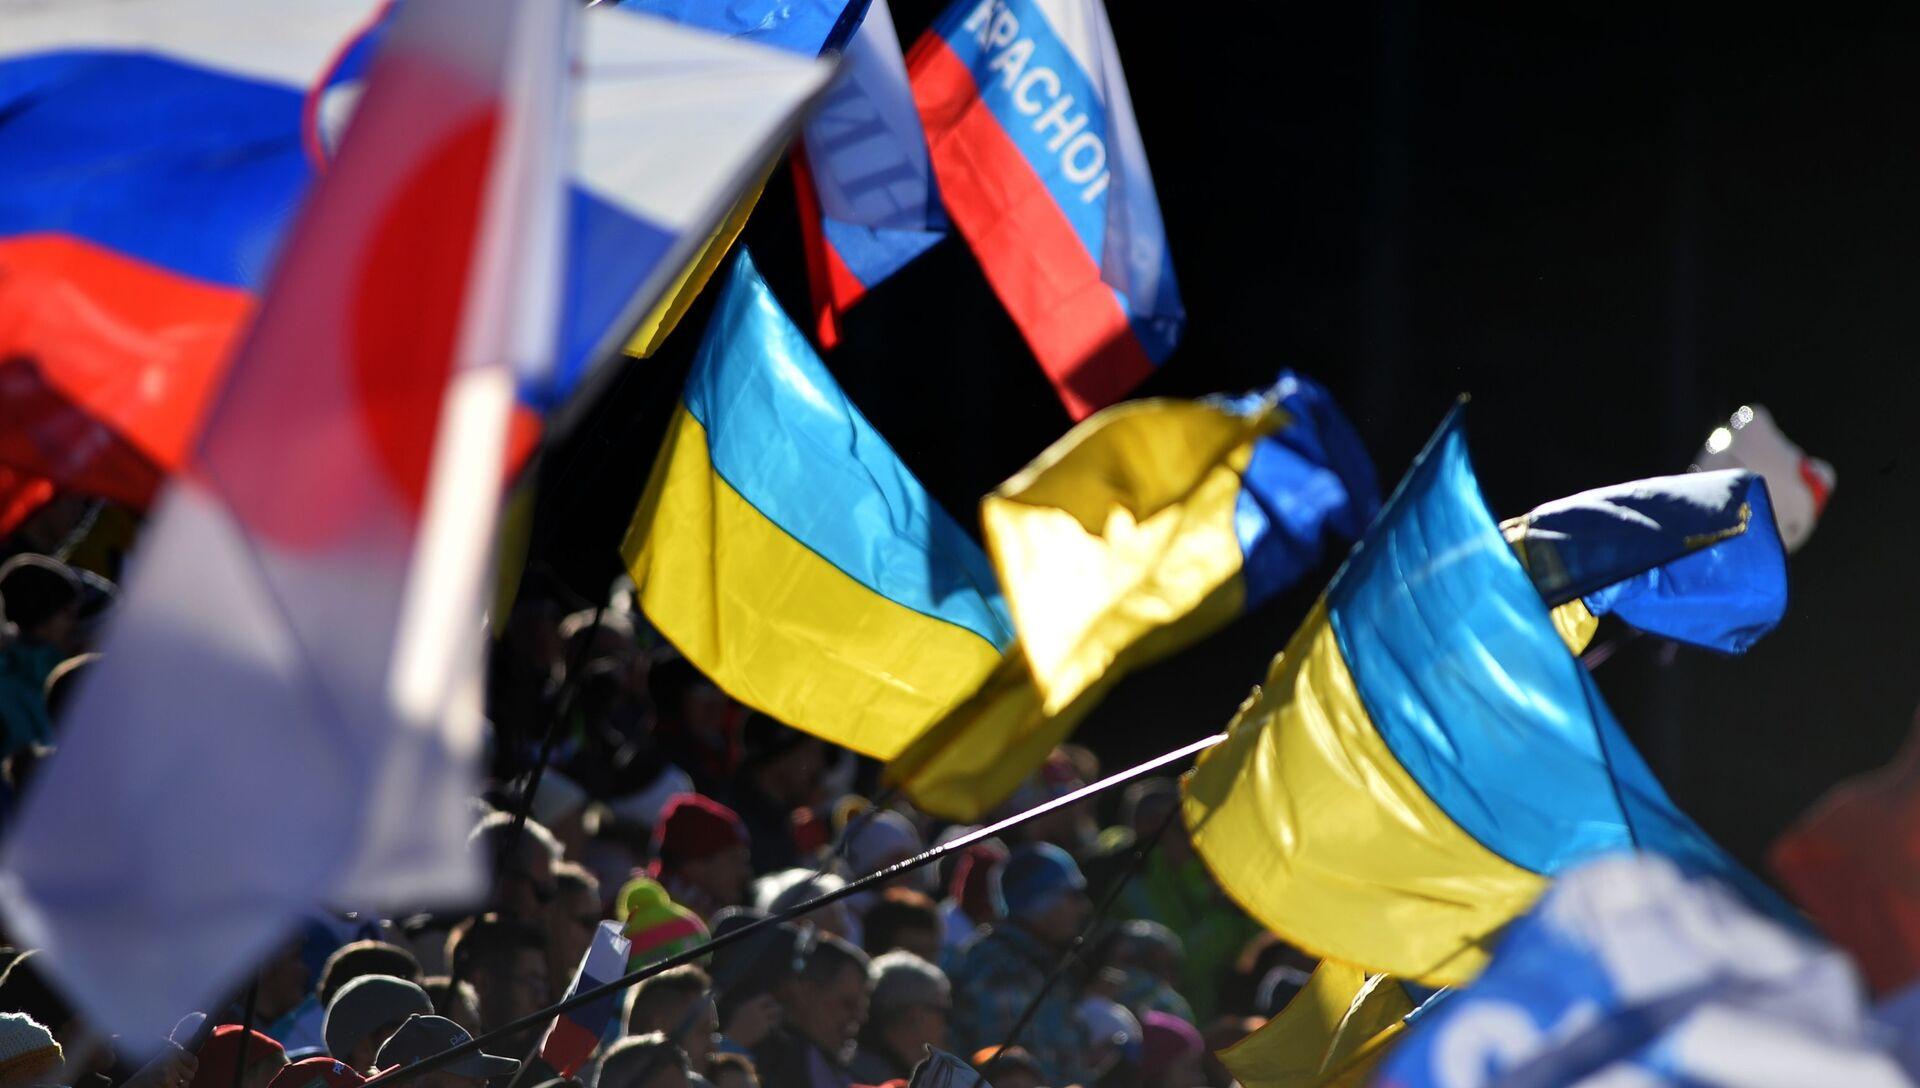 Флаги России и Украины. Архивное фото - РИА Новости, 1920, 28.10.2020